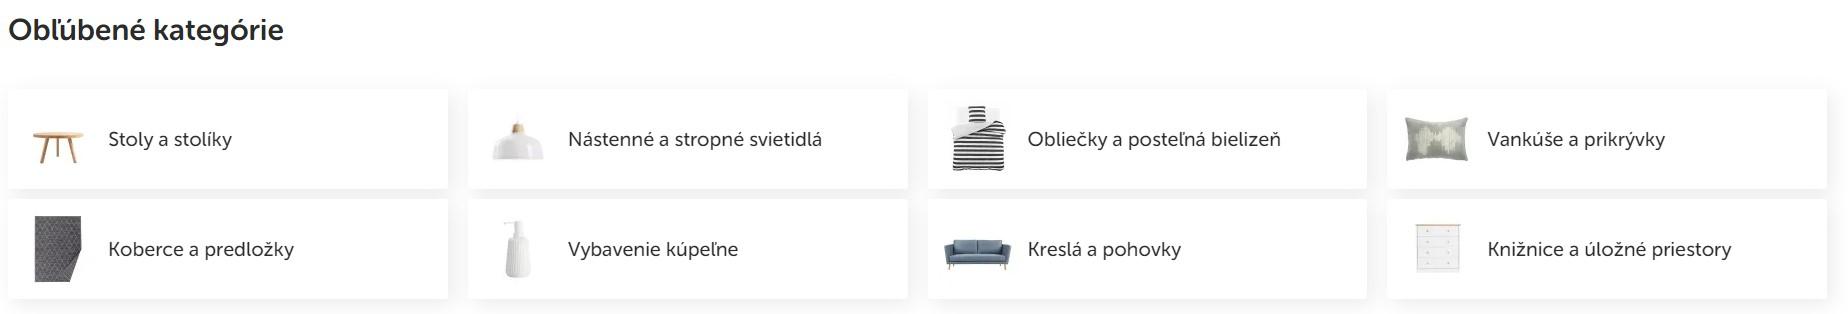 Obľúbené kategórie v e-shope bonami.sk